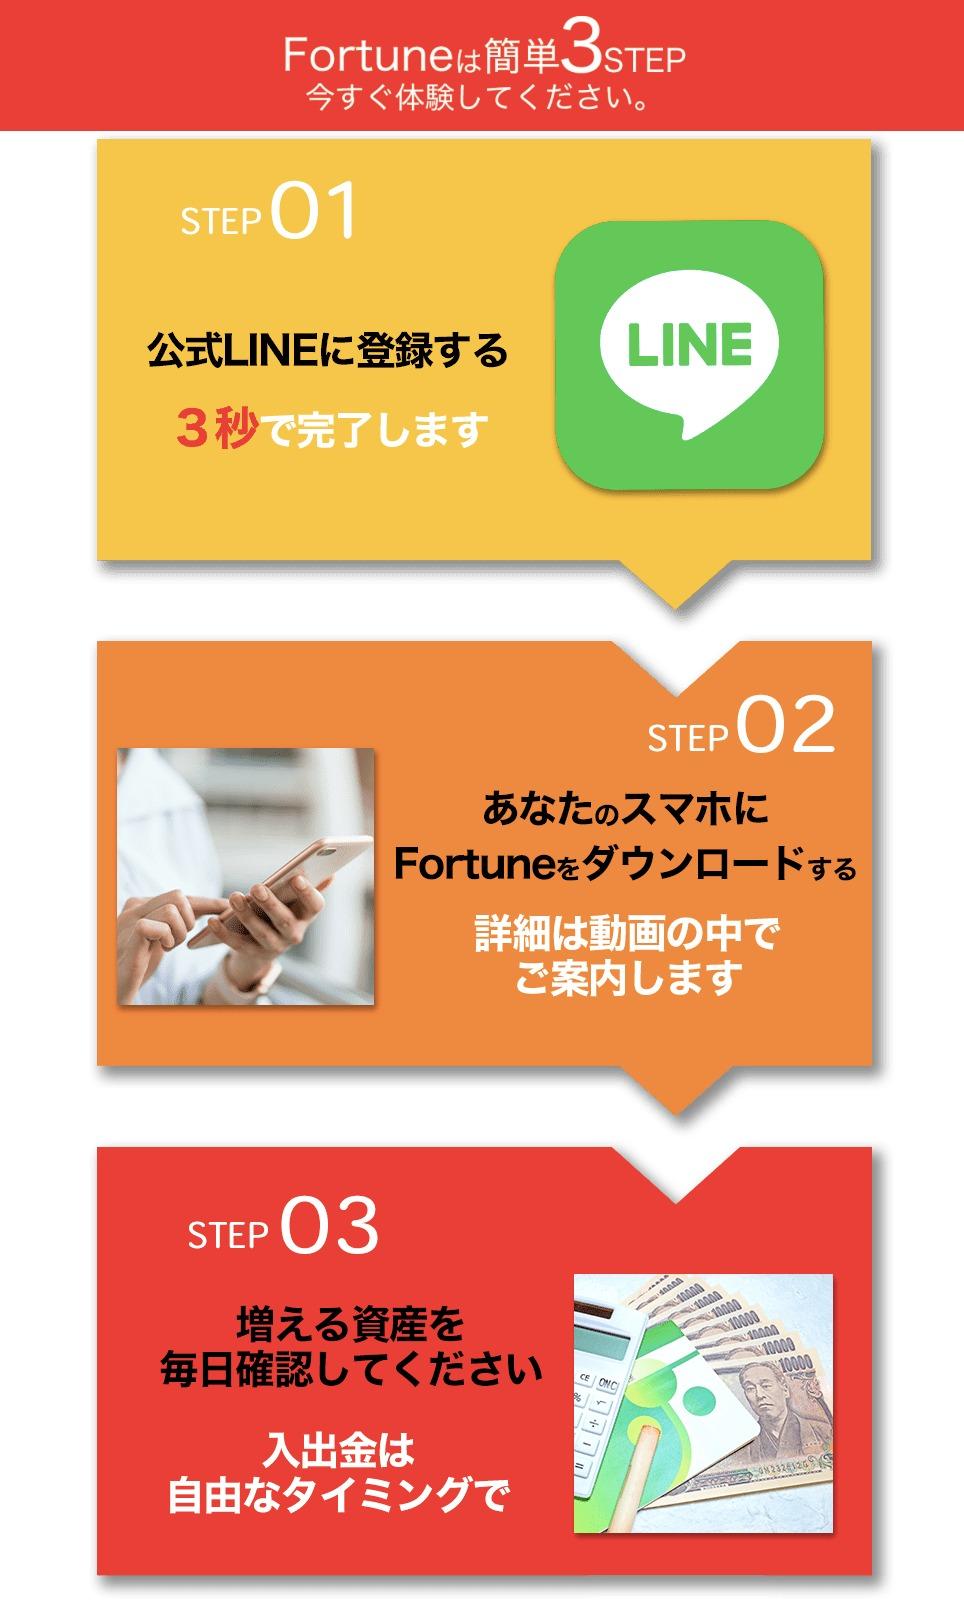 フォーチュン(Fortune)参加方法は簡単3ステップ